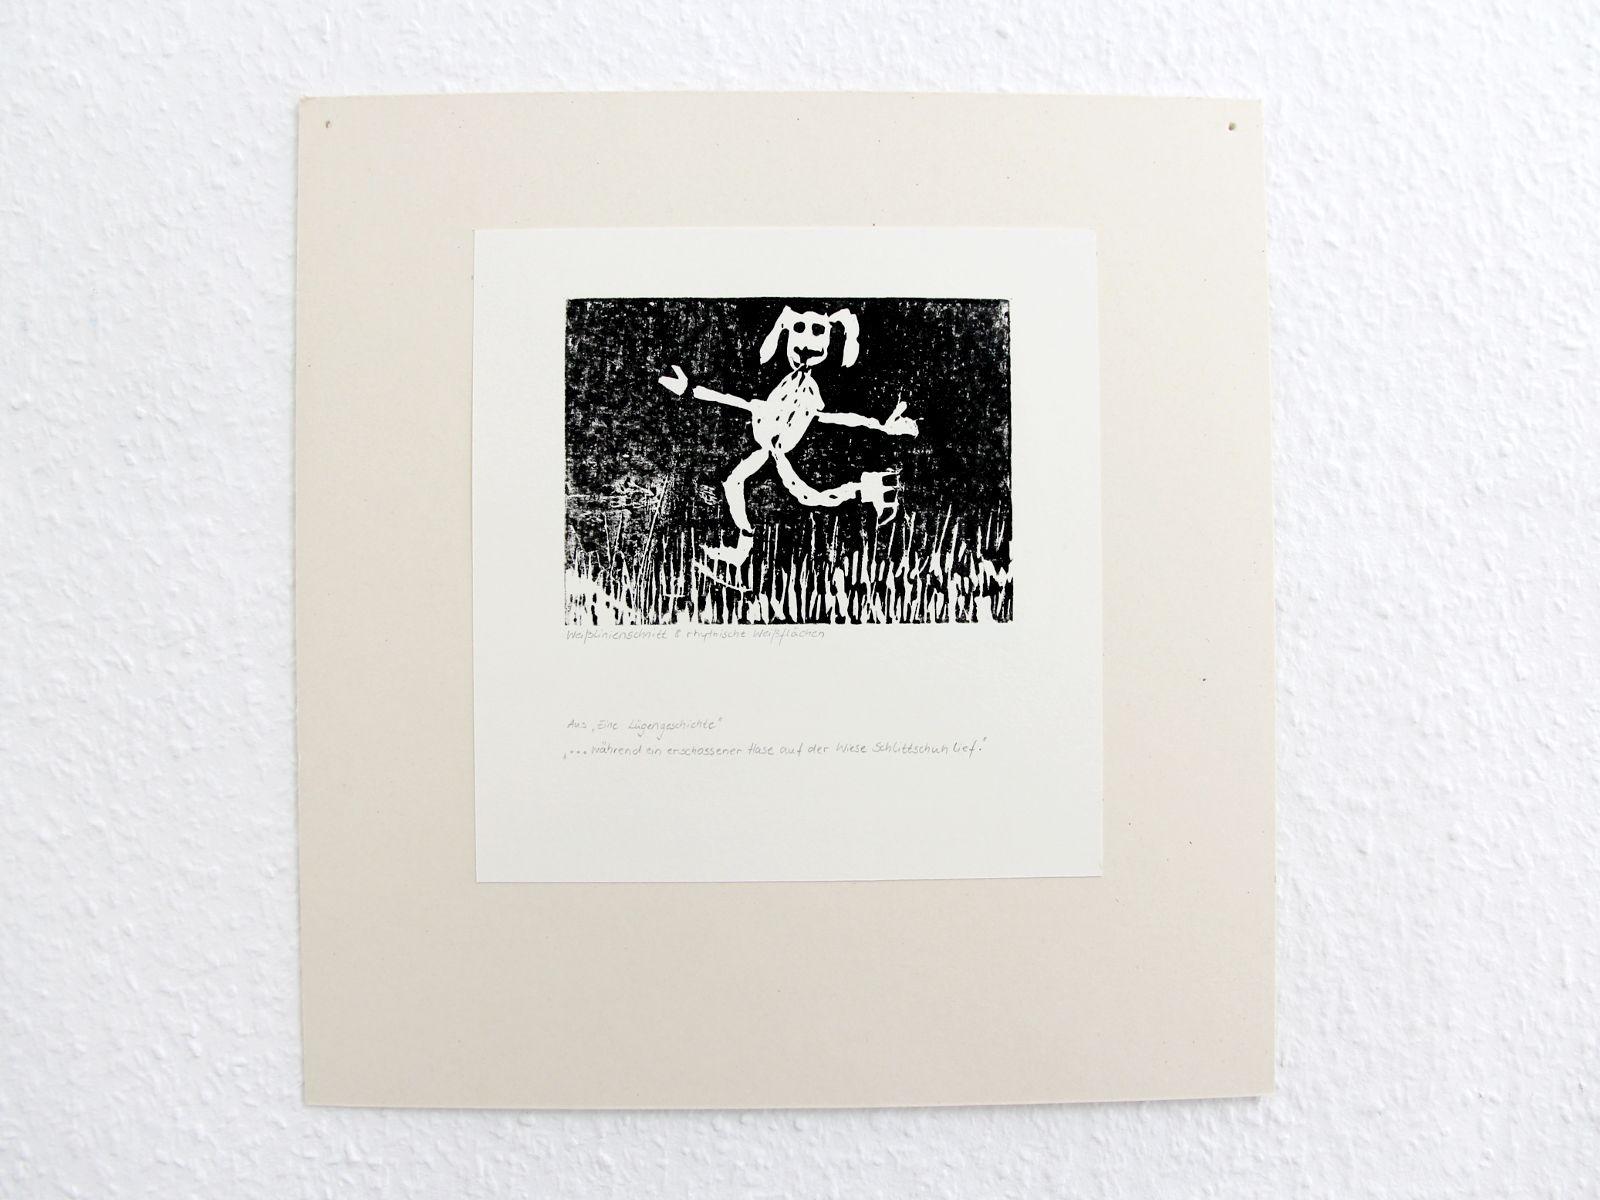 Kunstgespuer Kinderatelier-Ausstellung-Fantasievolle-Druckgrafik-Plastik Luegengeschichte 3